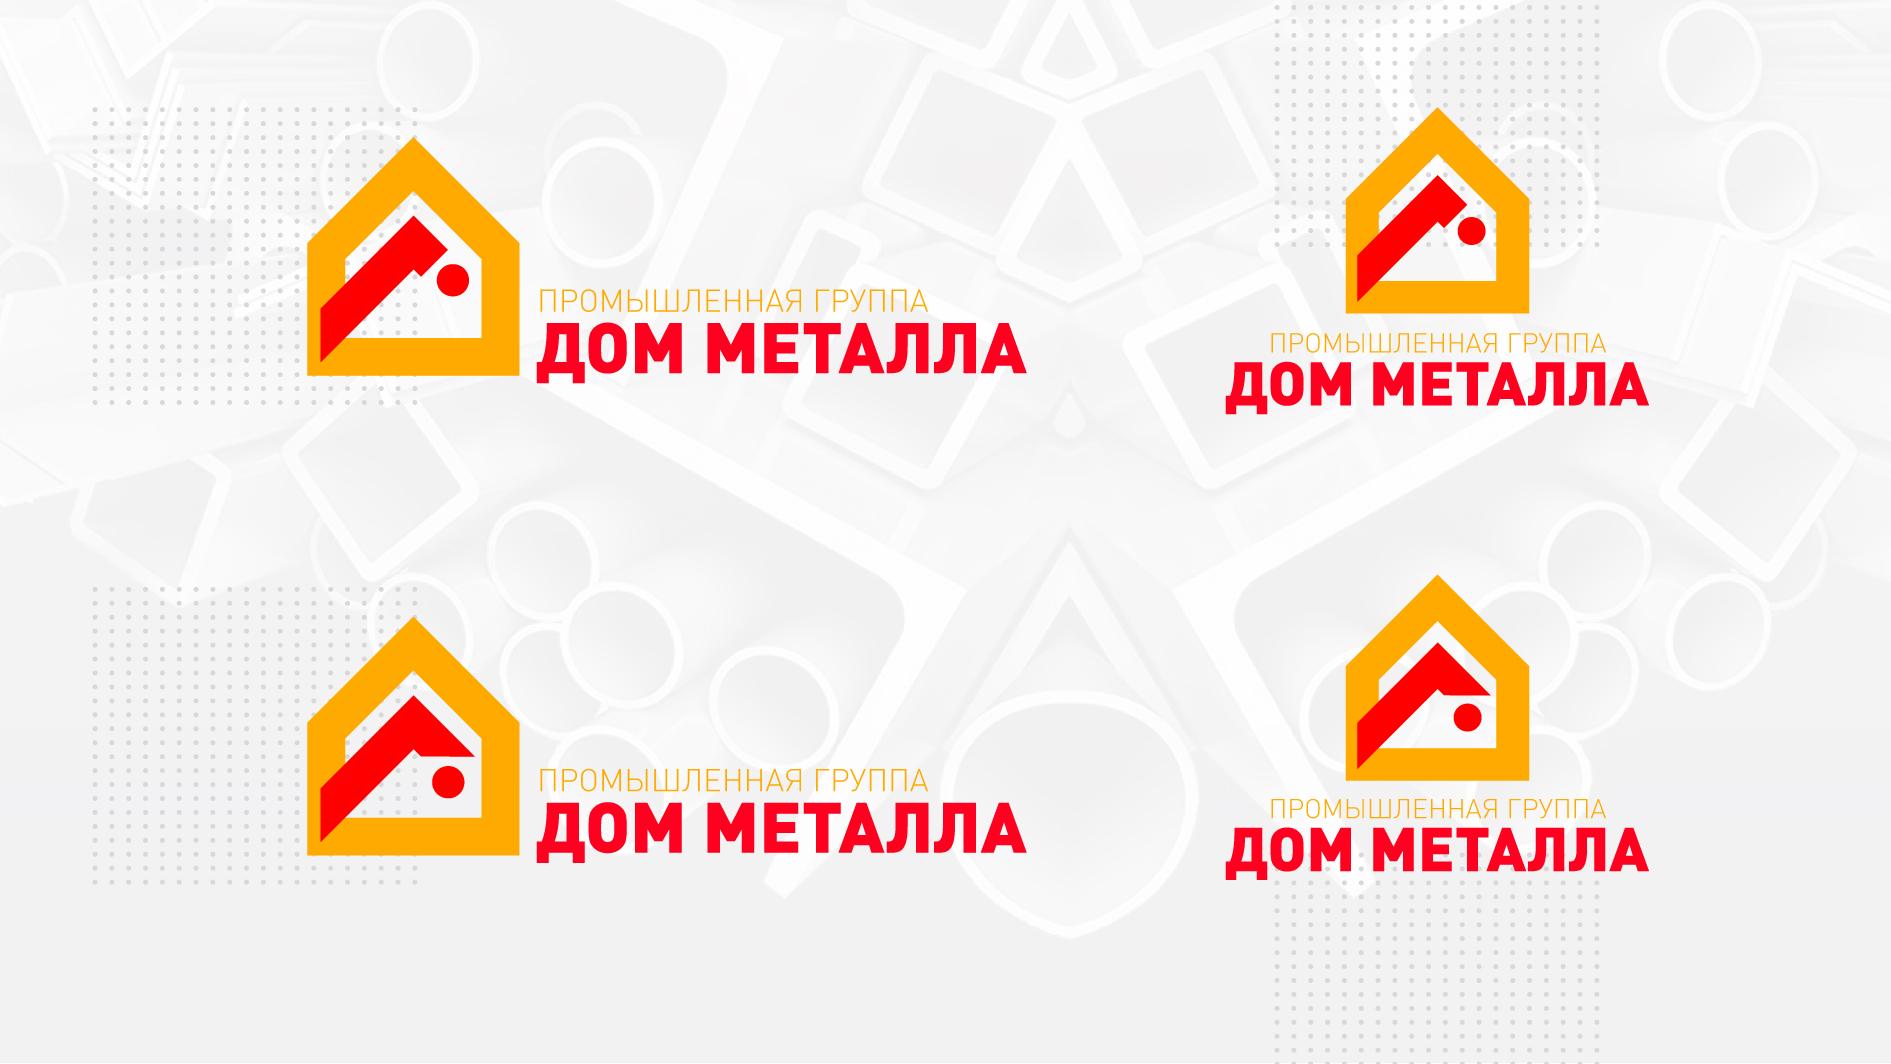 Разработка логотипа фото f_9075c5c2102688ab.jpg